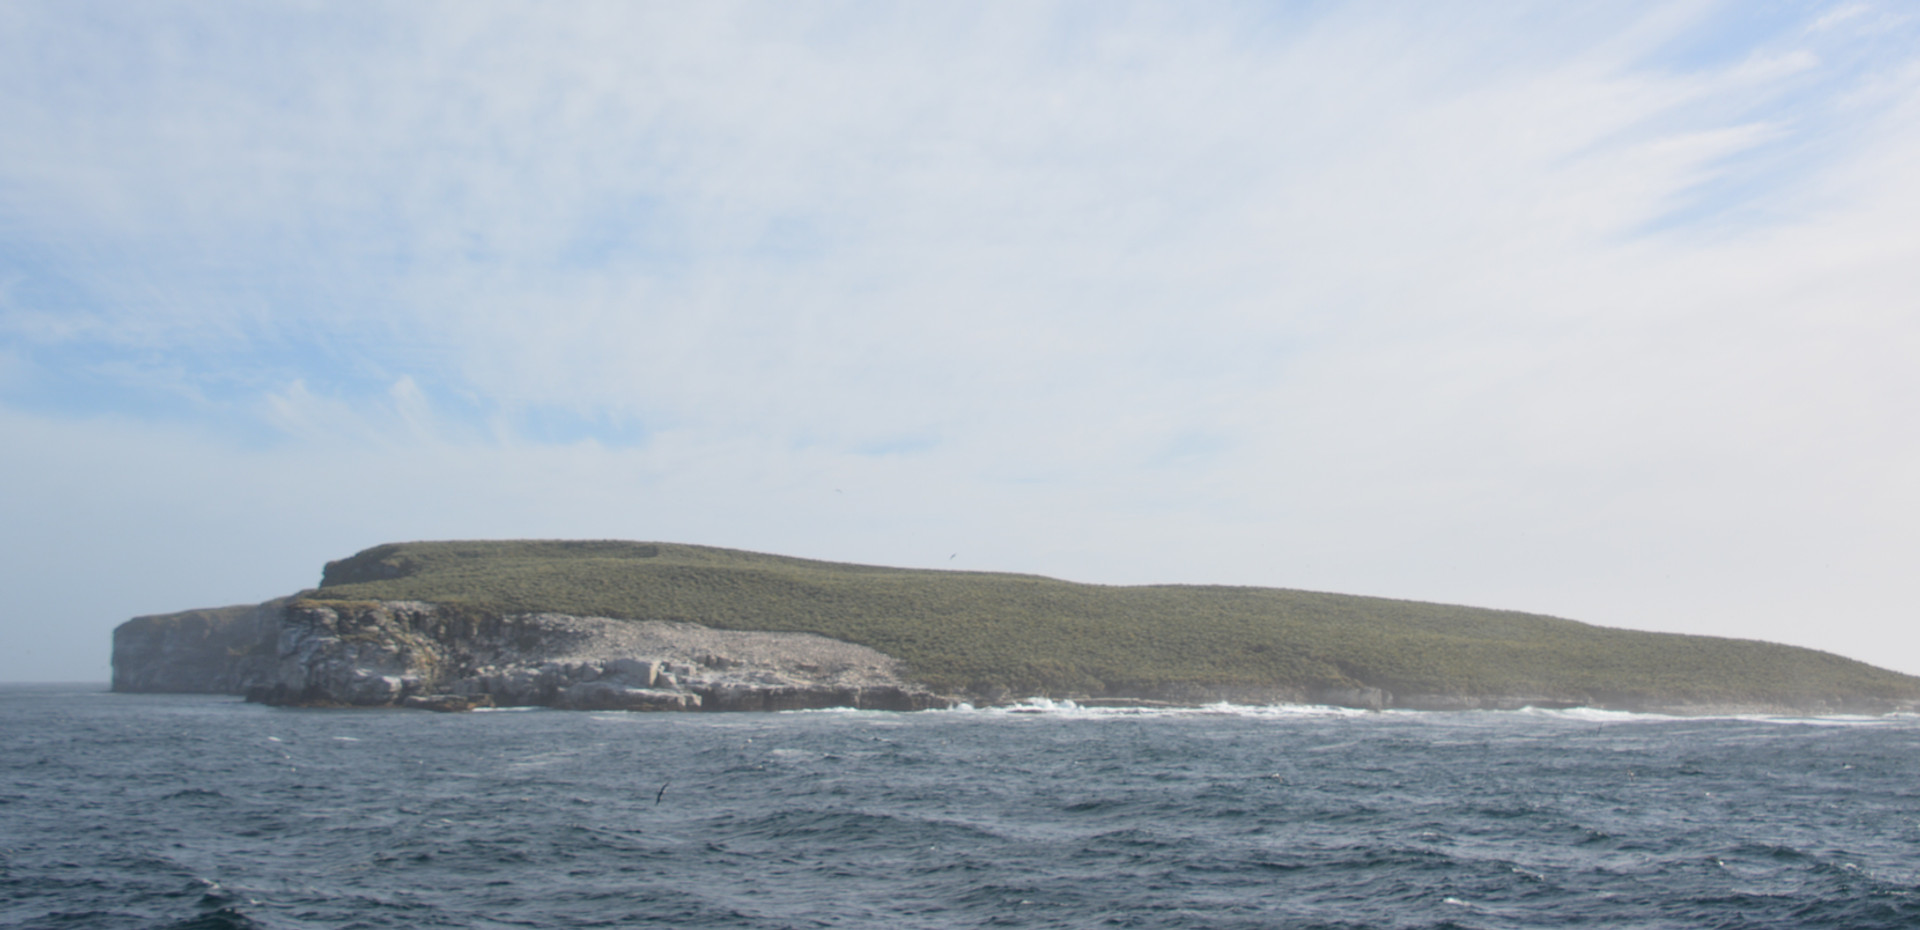 Beauchene Island